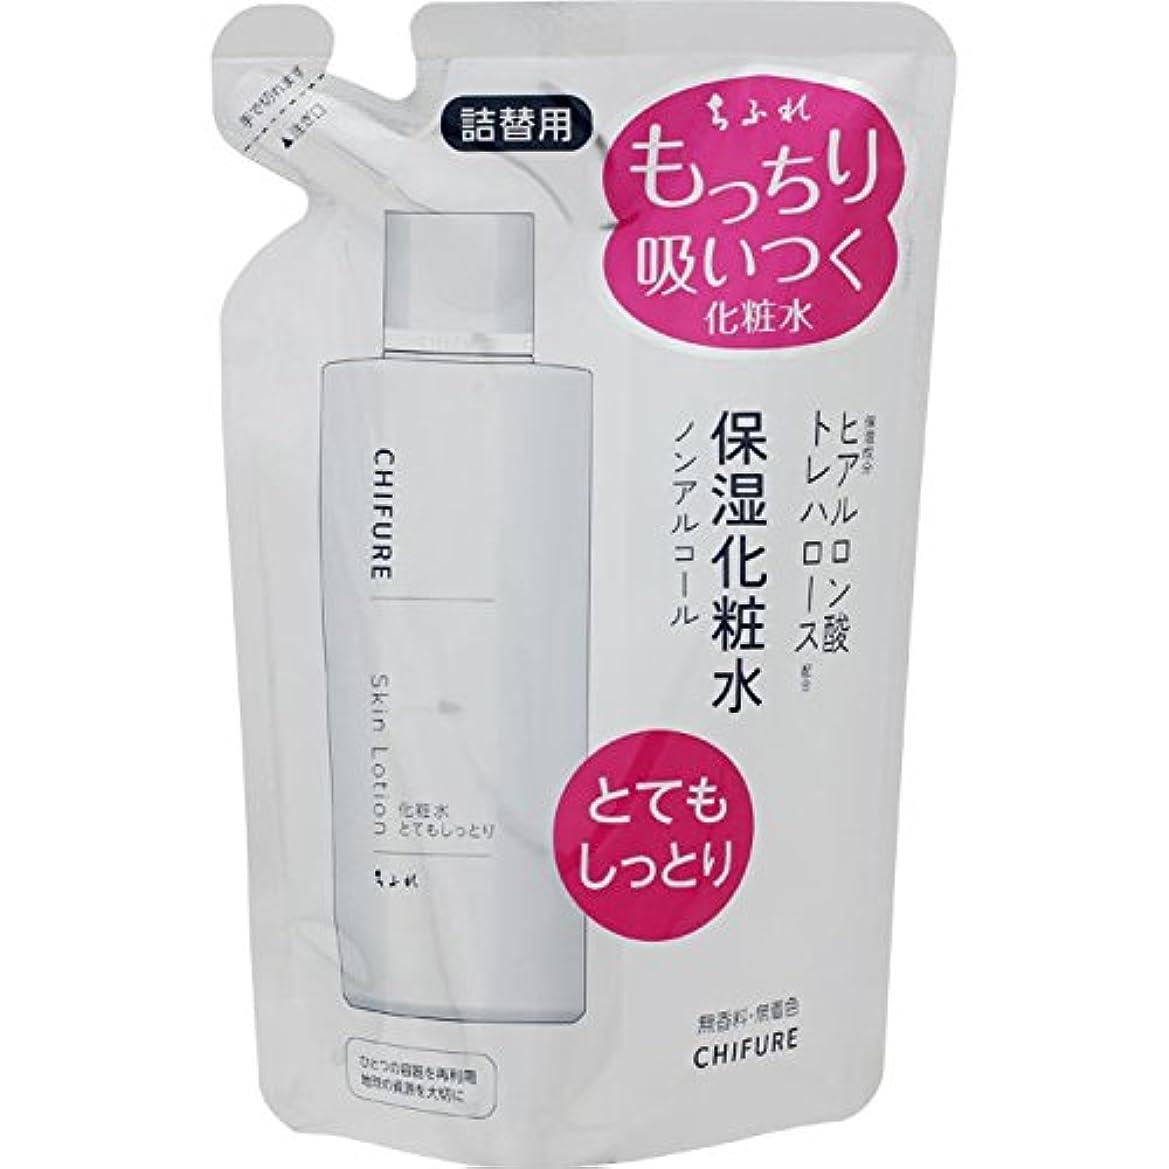 勢い駅正しくちふれ化粧品 化粧水 とてもしっとりタイプ 詰替用 150ML